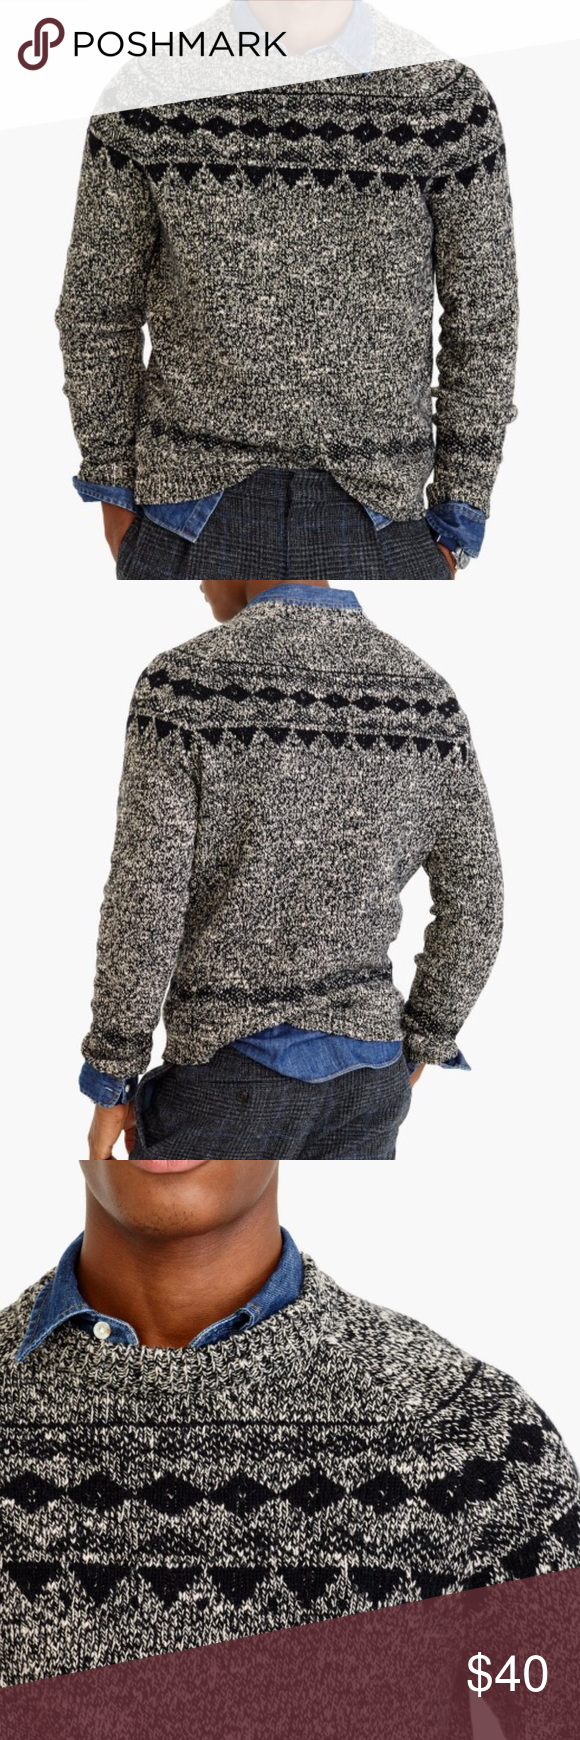 J. Crew Italian Wool Fair Isle Sweater NWT $128 Based on a vintage ...